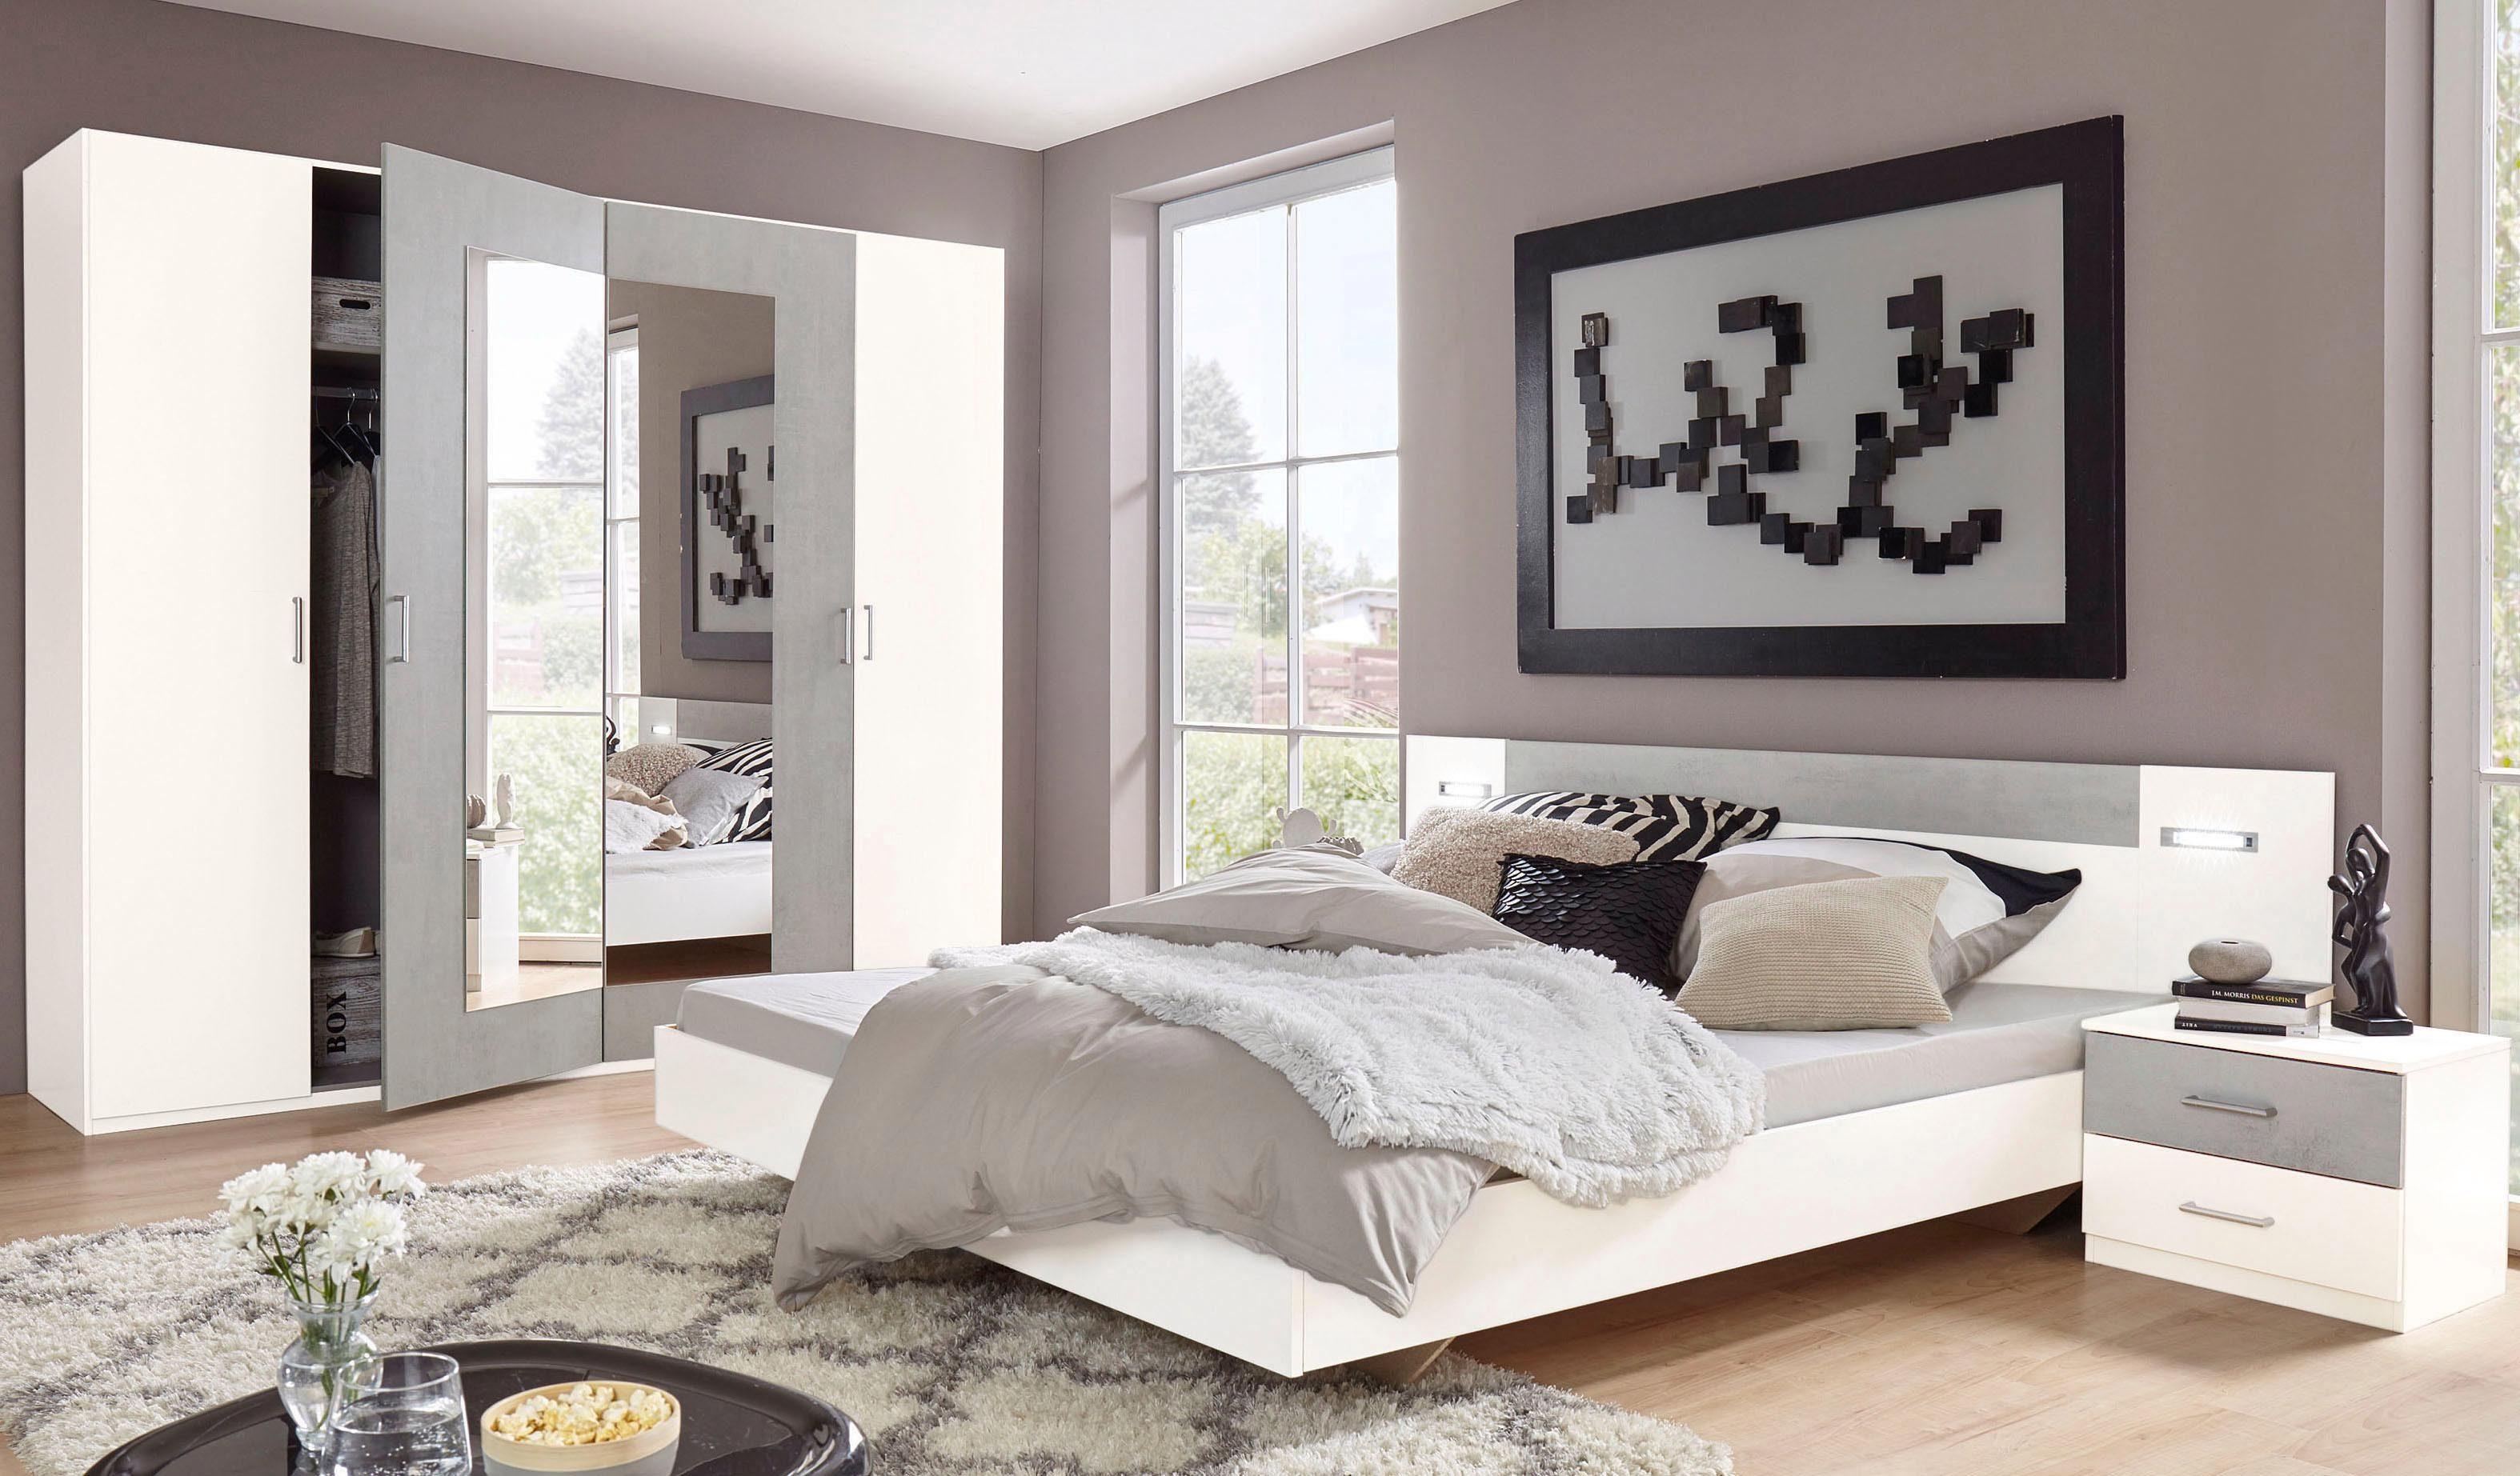 Wimex SchlafzimmerSet Angie 4teilig Set aus Schrank Bett und 2 Nachttischen online kaufen